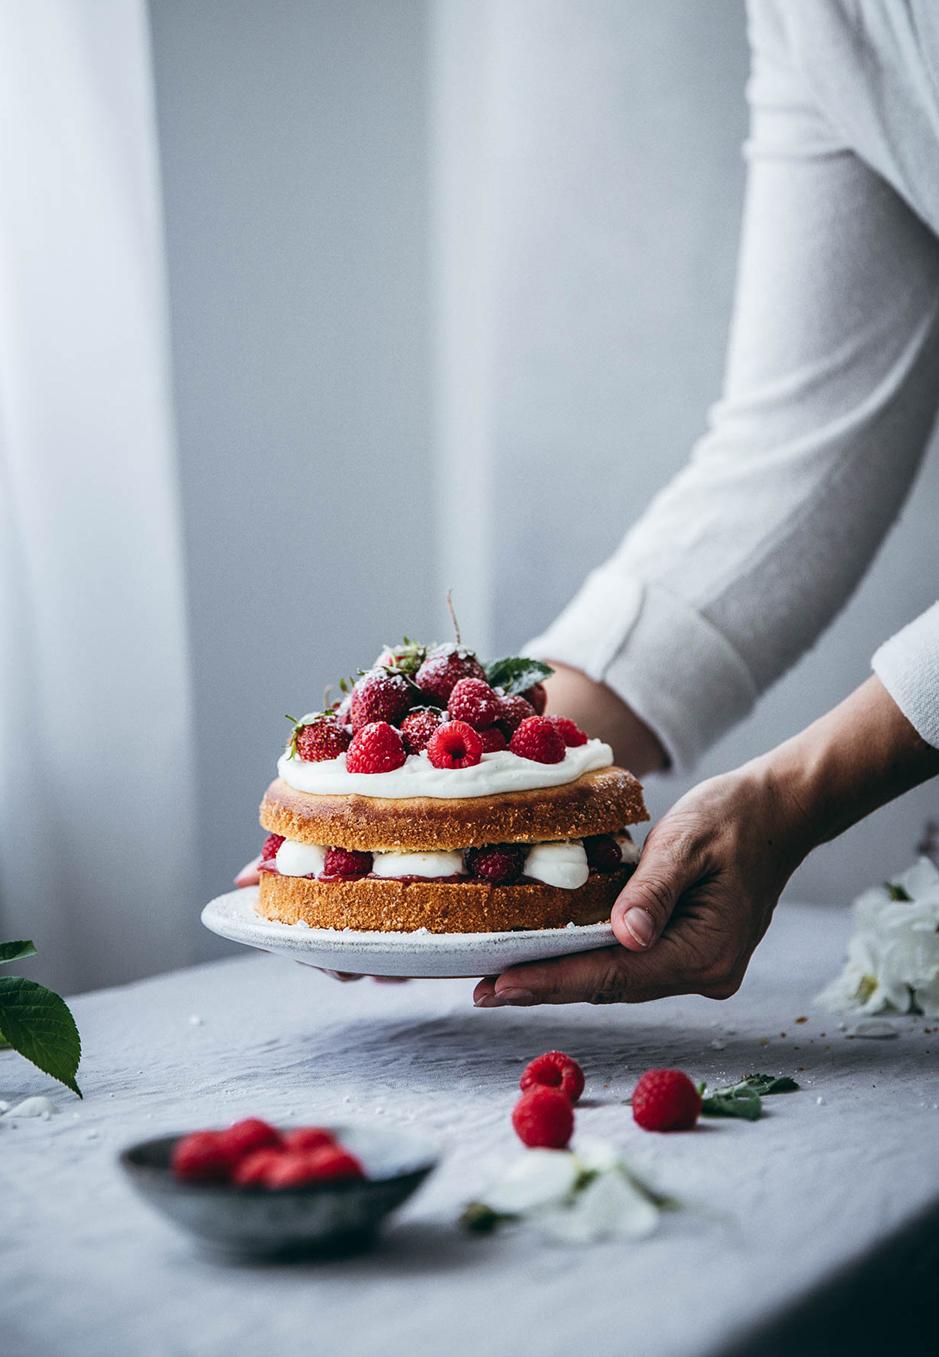 Victoria Sponge Cake: Ein Törtchen, das sich einfach zubereiten lässt und vor allem im Sommer gut schmeckt.